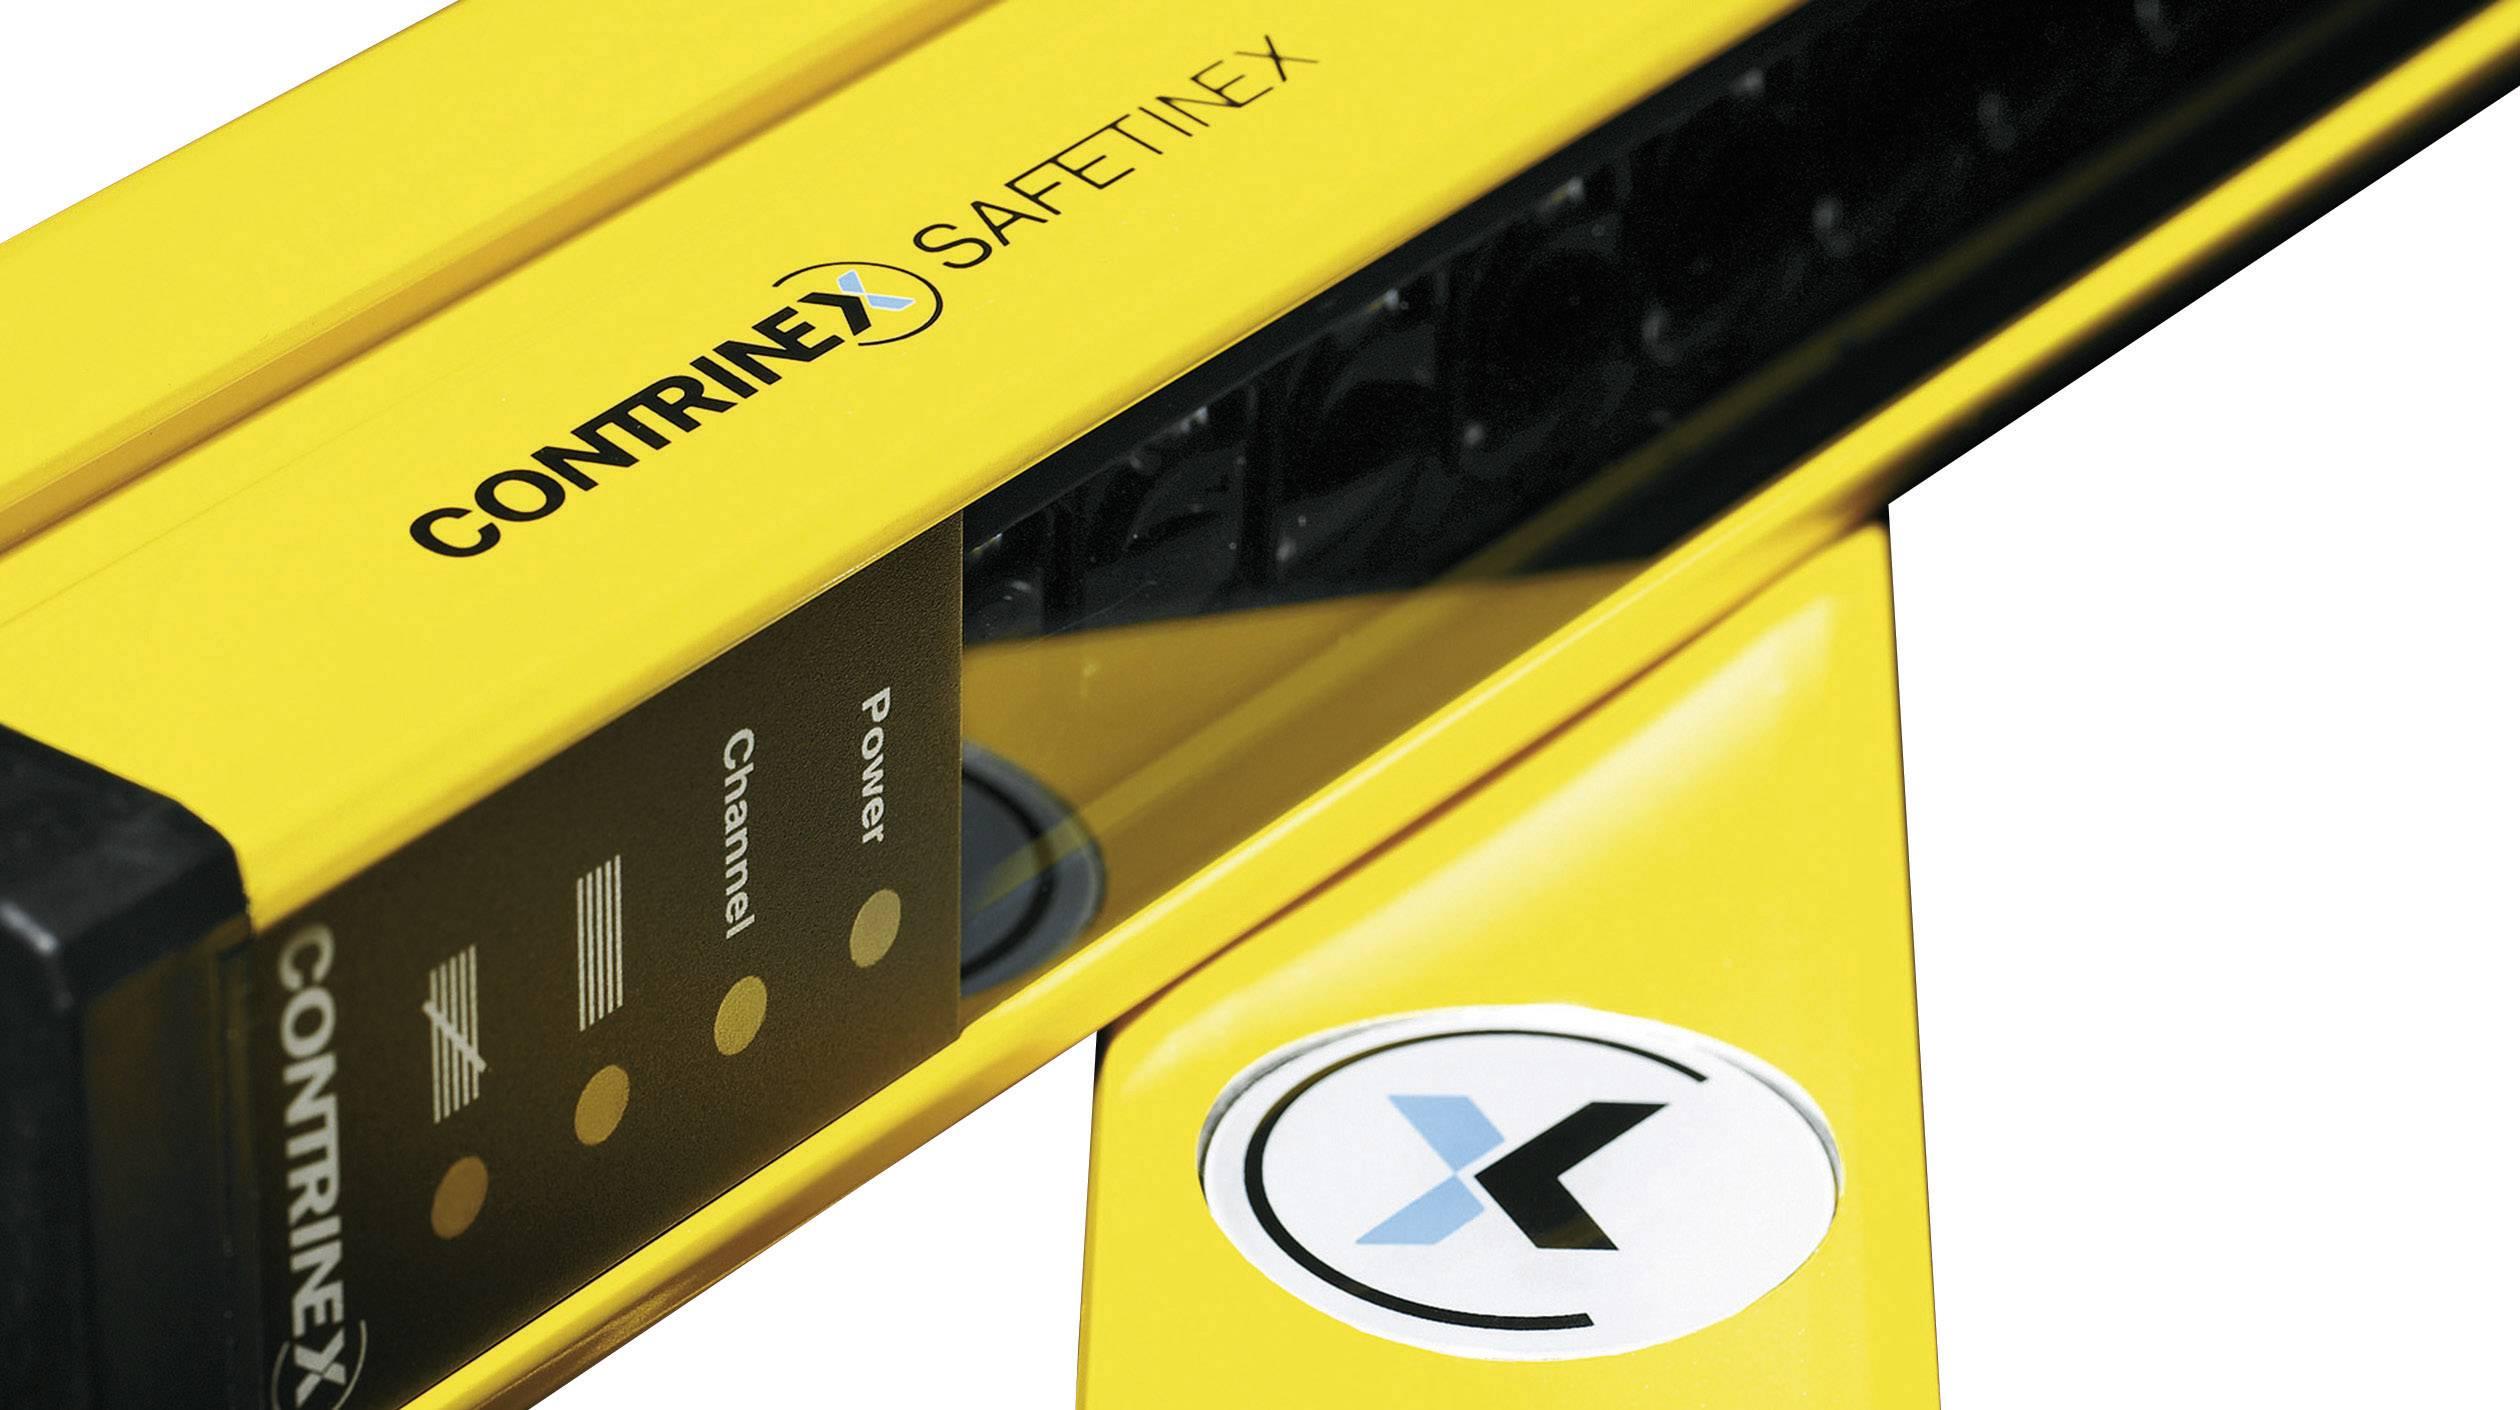 Bezpečnostní světelná závora pro ochranu rukou Contrinex YBB-30S4-1000-G012 630 000 592